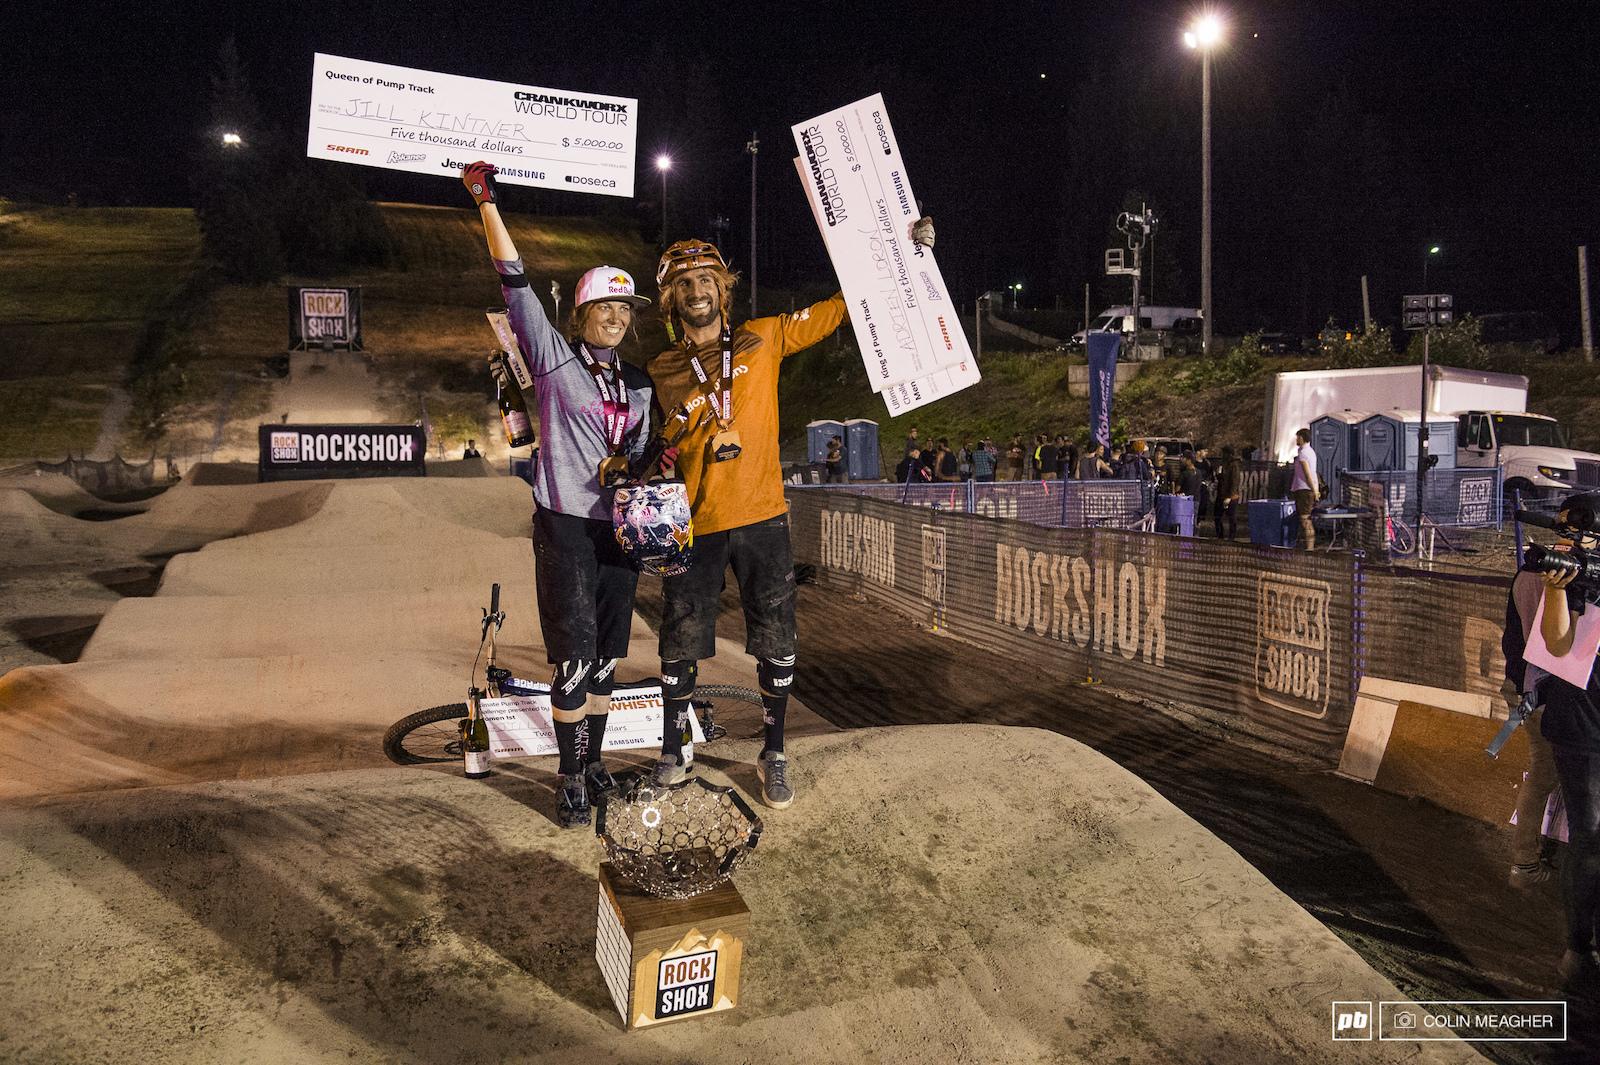 Блог компании Триал-Спорт: Райдеры Norco покоряют фестиваль Crankworx в Вистлере, а Джил Кинтнер завоевывает титул «Королевы Crankworx»!